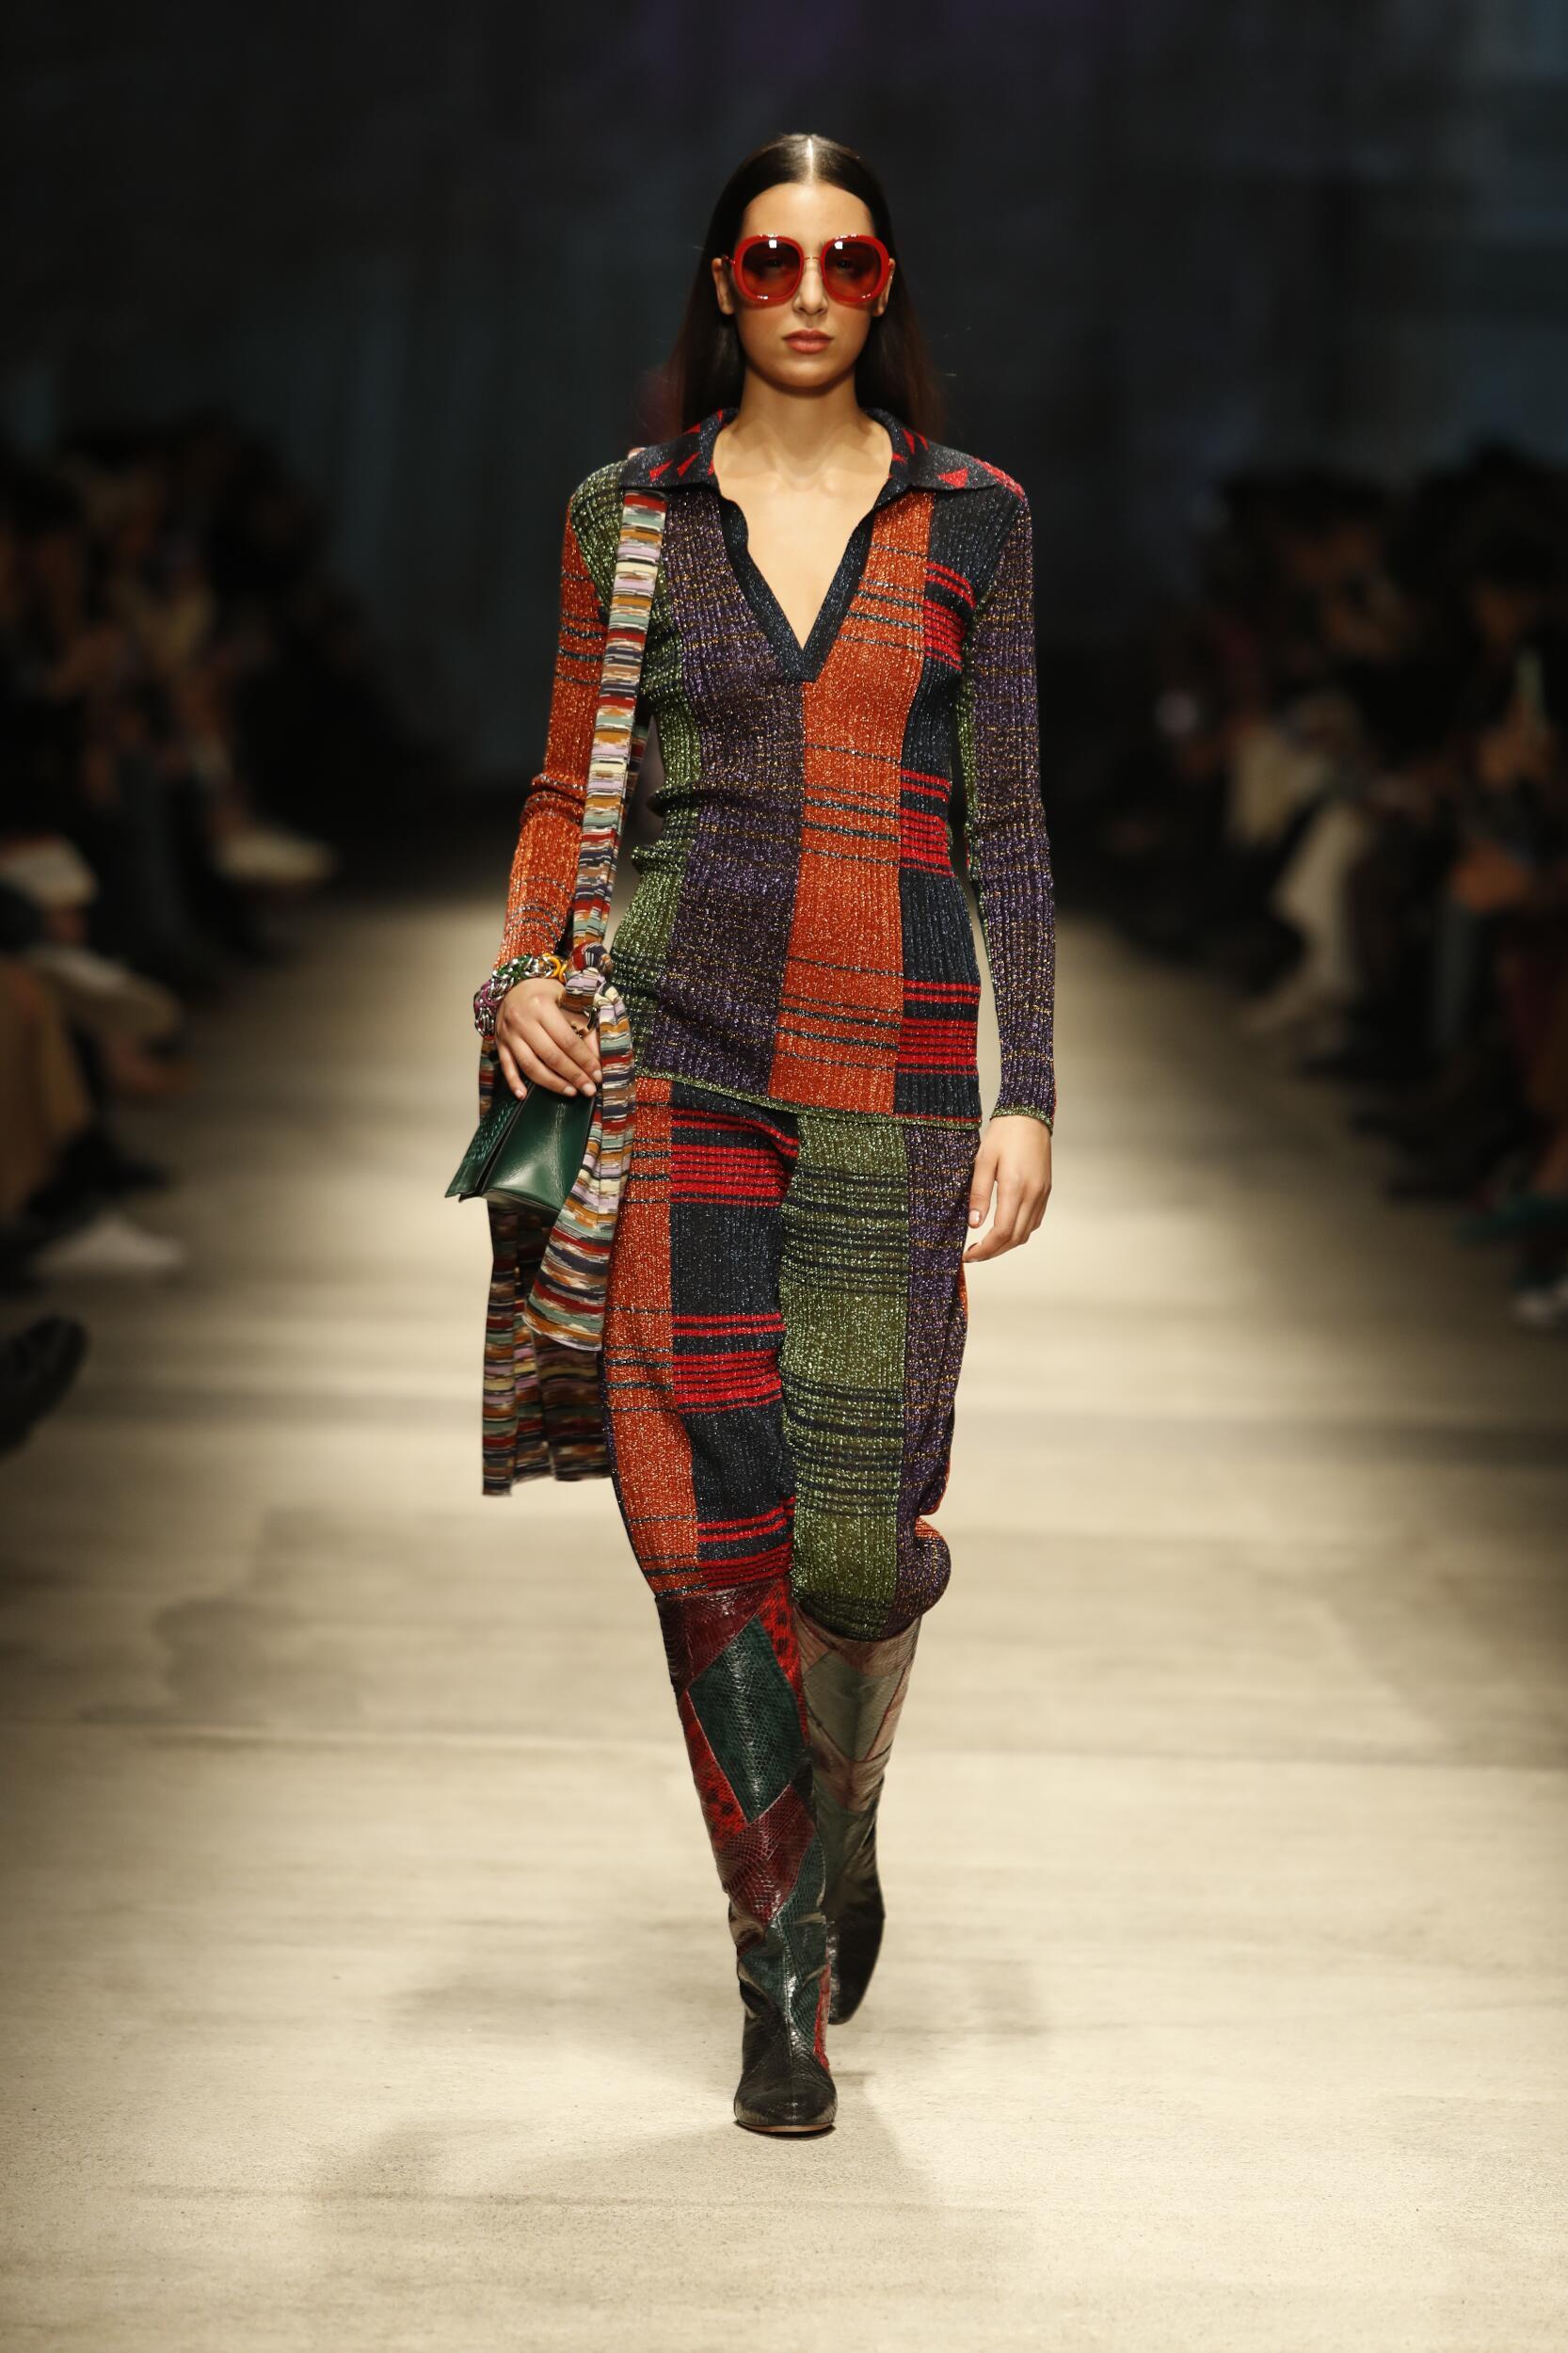 FW 2020-21 Missoni Fashion Show Milan